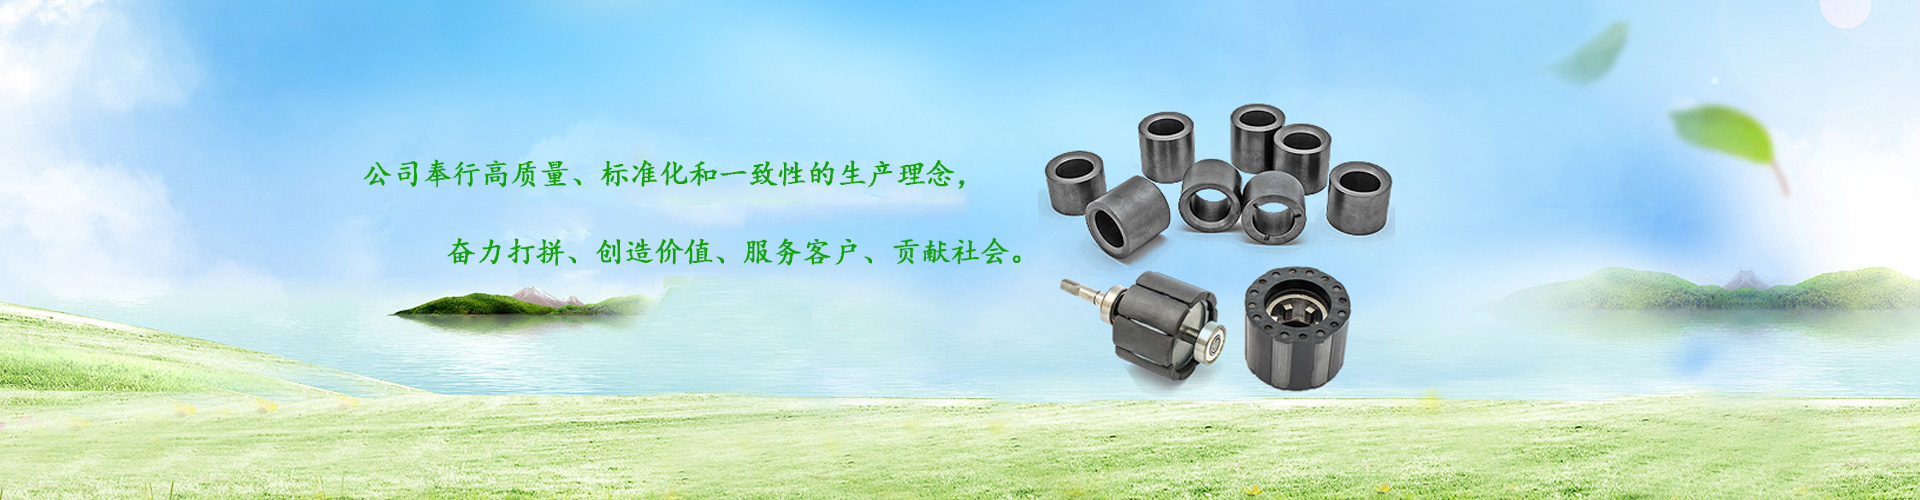 安徽龙磁科技有限公司-banner1